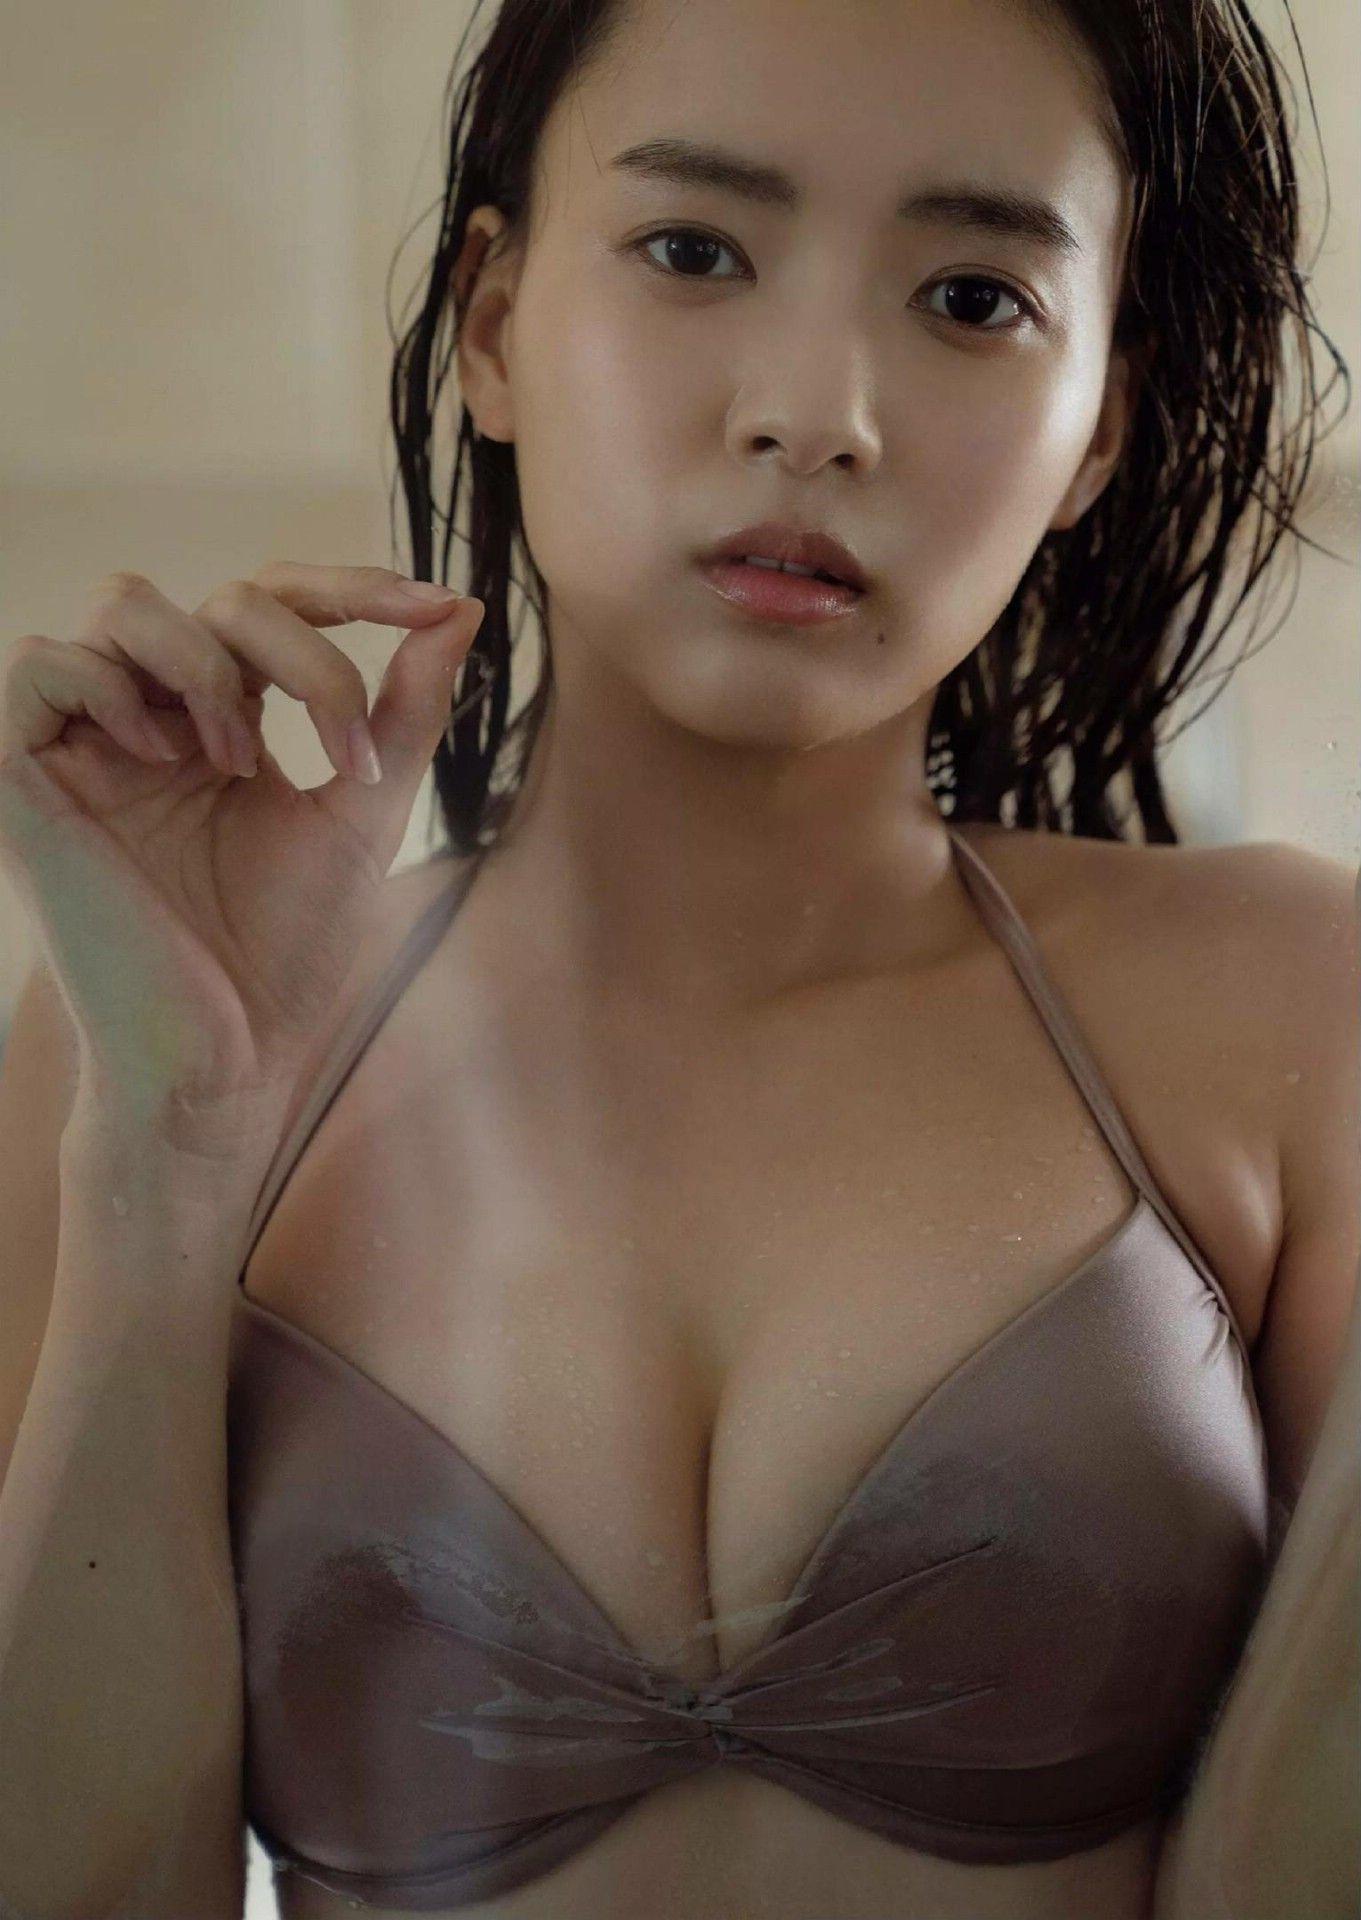 Weekly Playboy 2020-31_32_imgs-0005_2